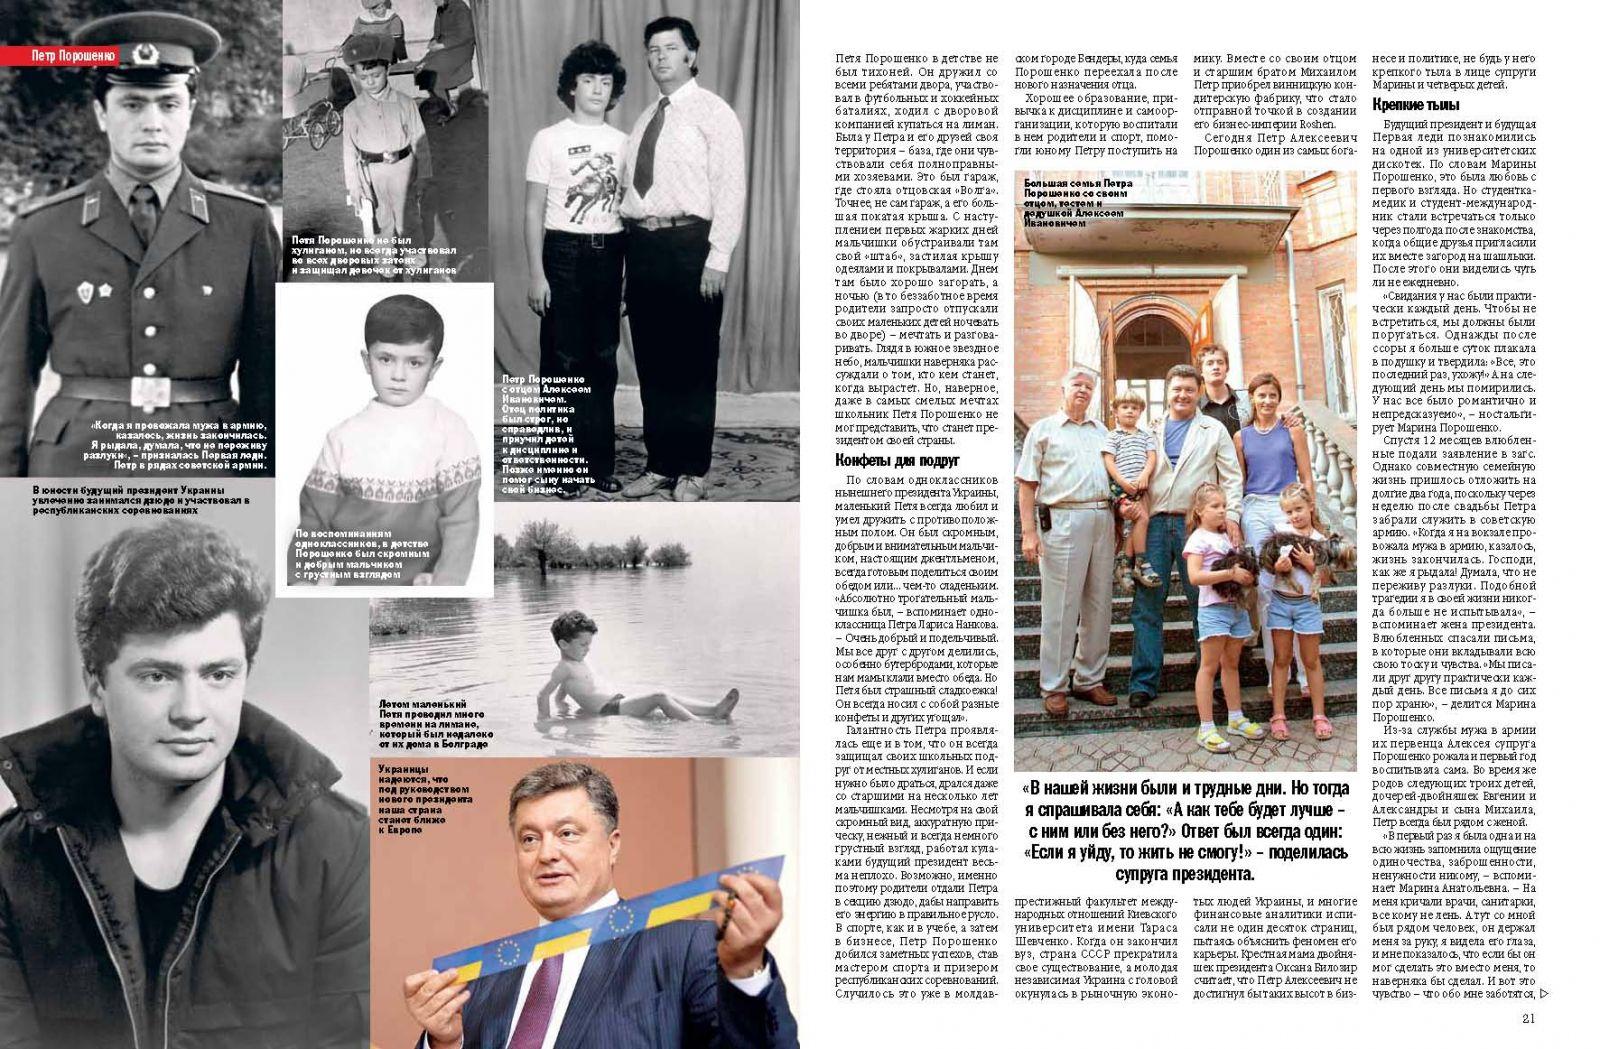 Петр Порошенко и его семья в журнале Viva!